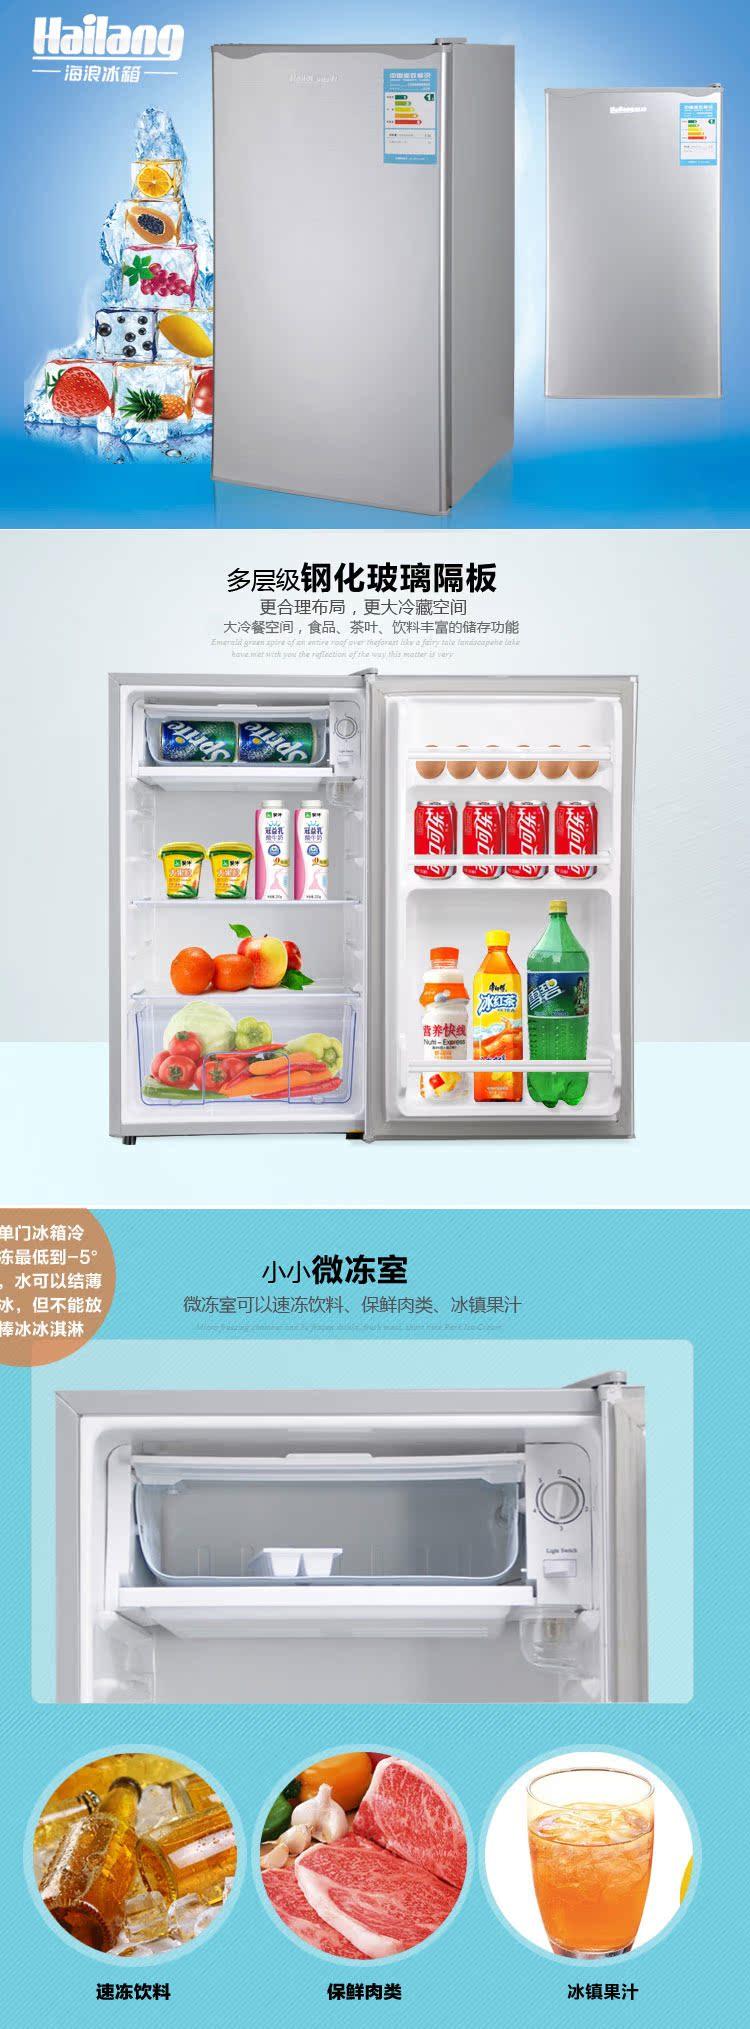 海浪冰箱售后服务_00元】联保节能海浪 bc-90l小型家用单门电冰箱